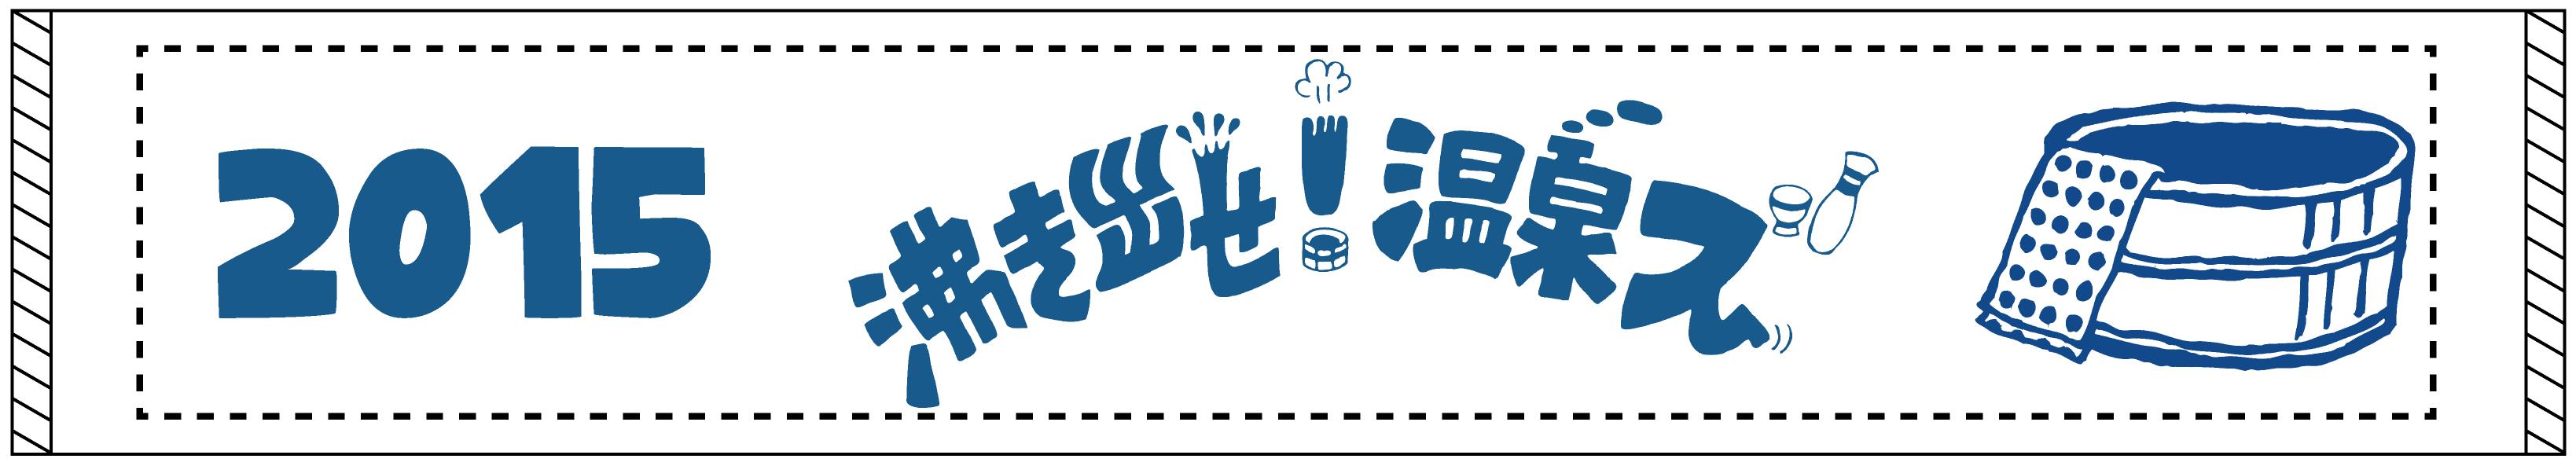 2015.02.11 タオルデザイン初回案ネイビークリッピング